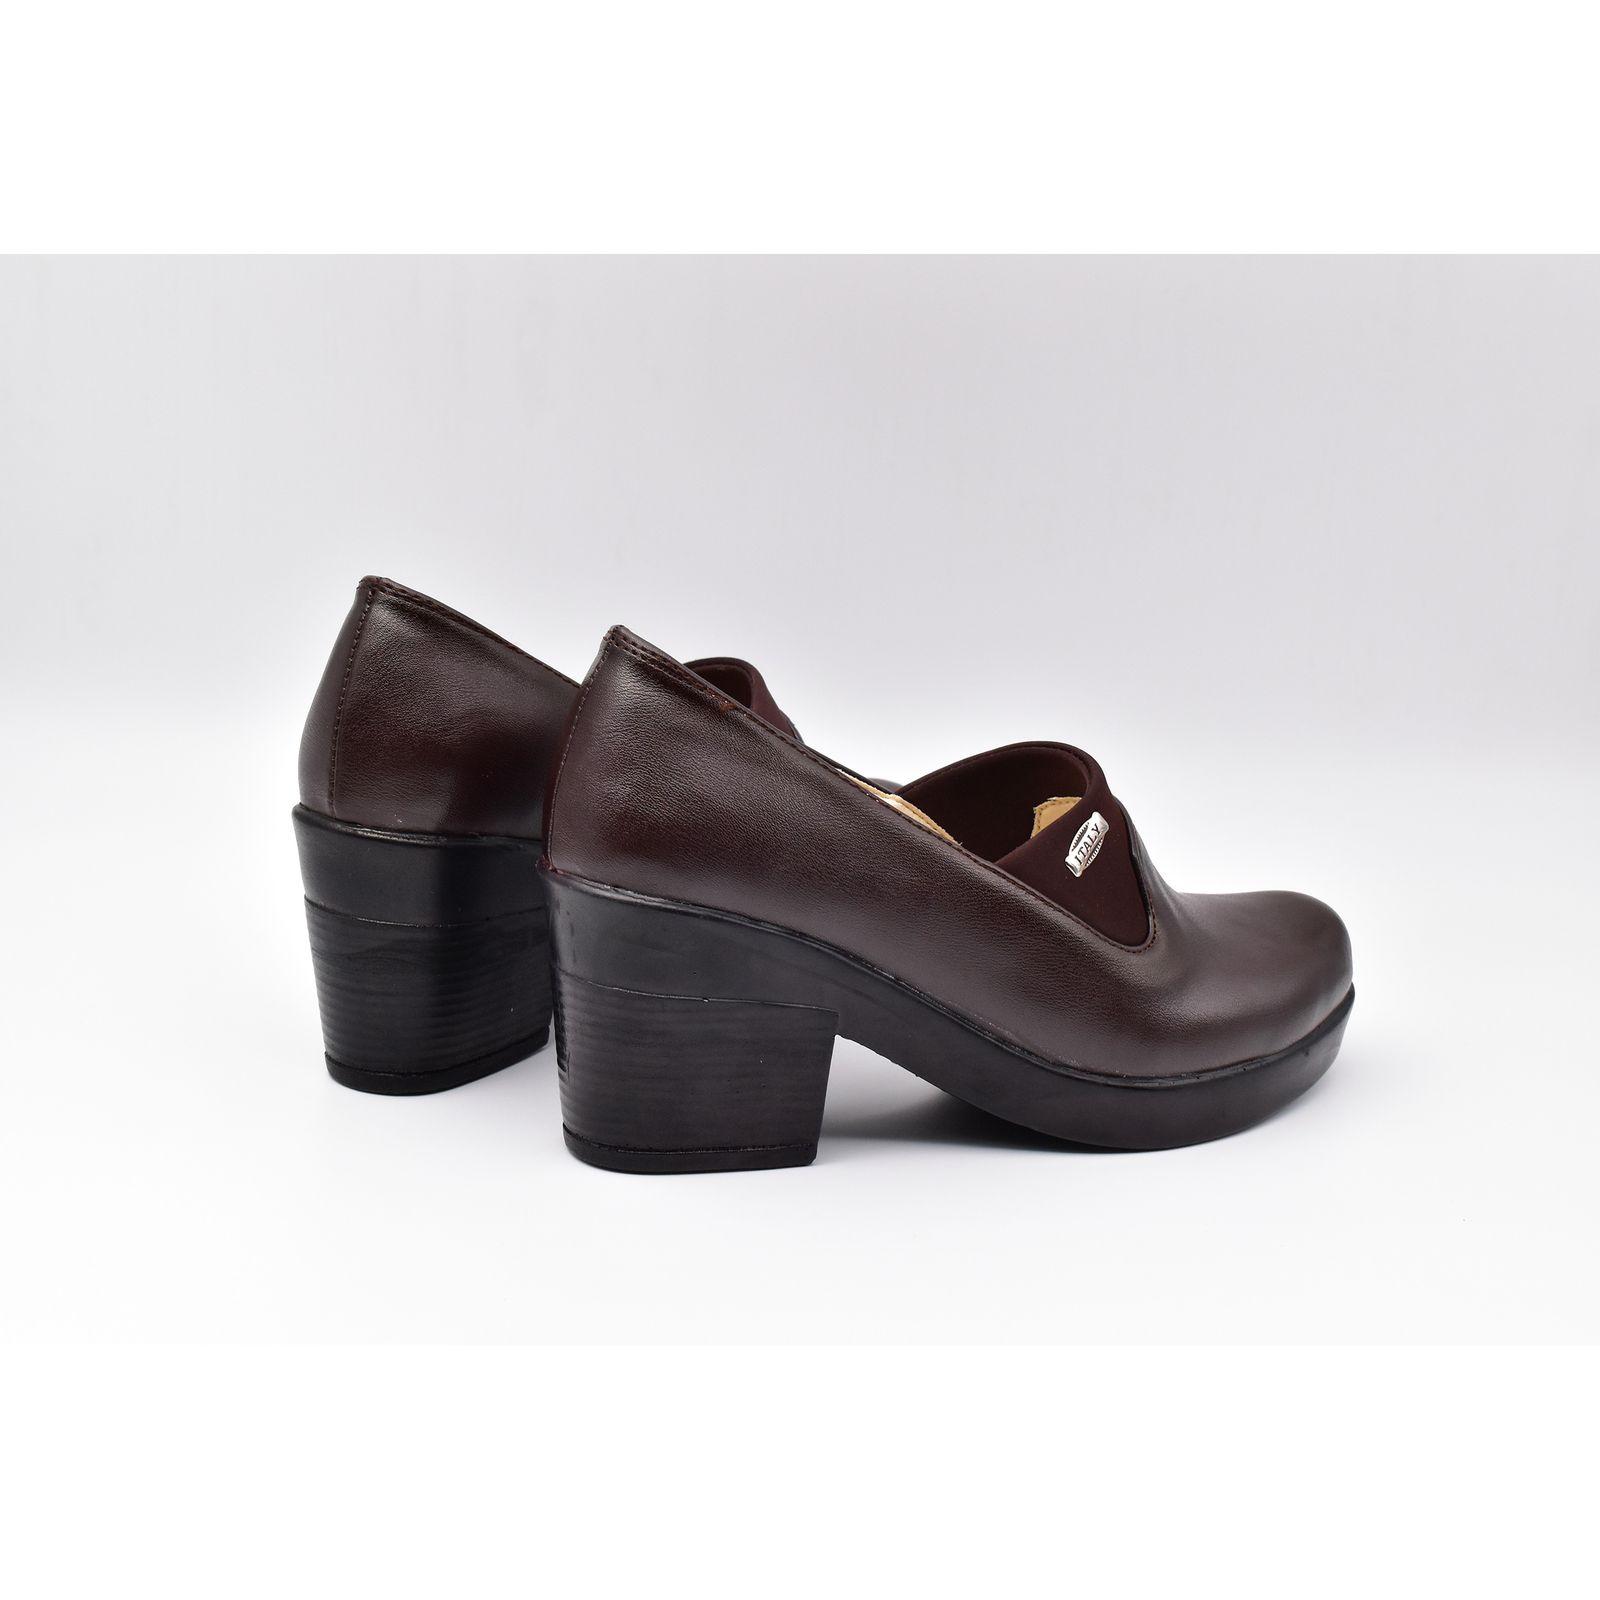 کفش زنانه مدل سحر کد 6975 -  - 4